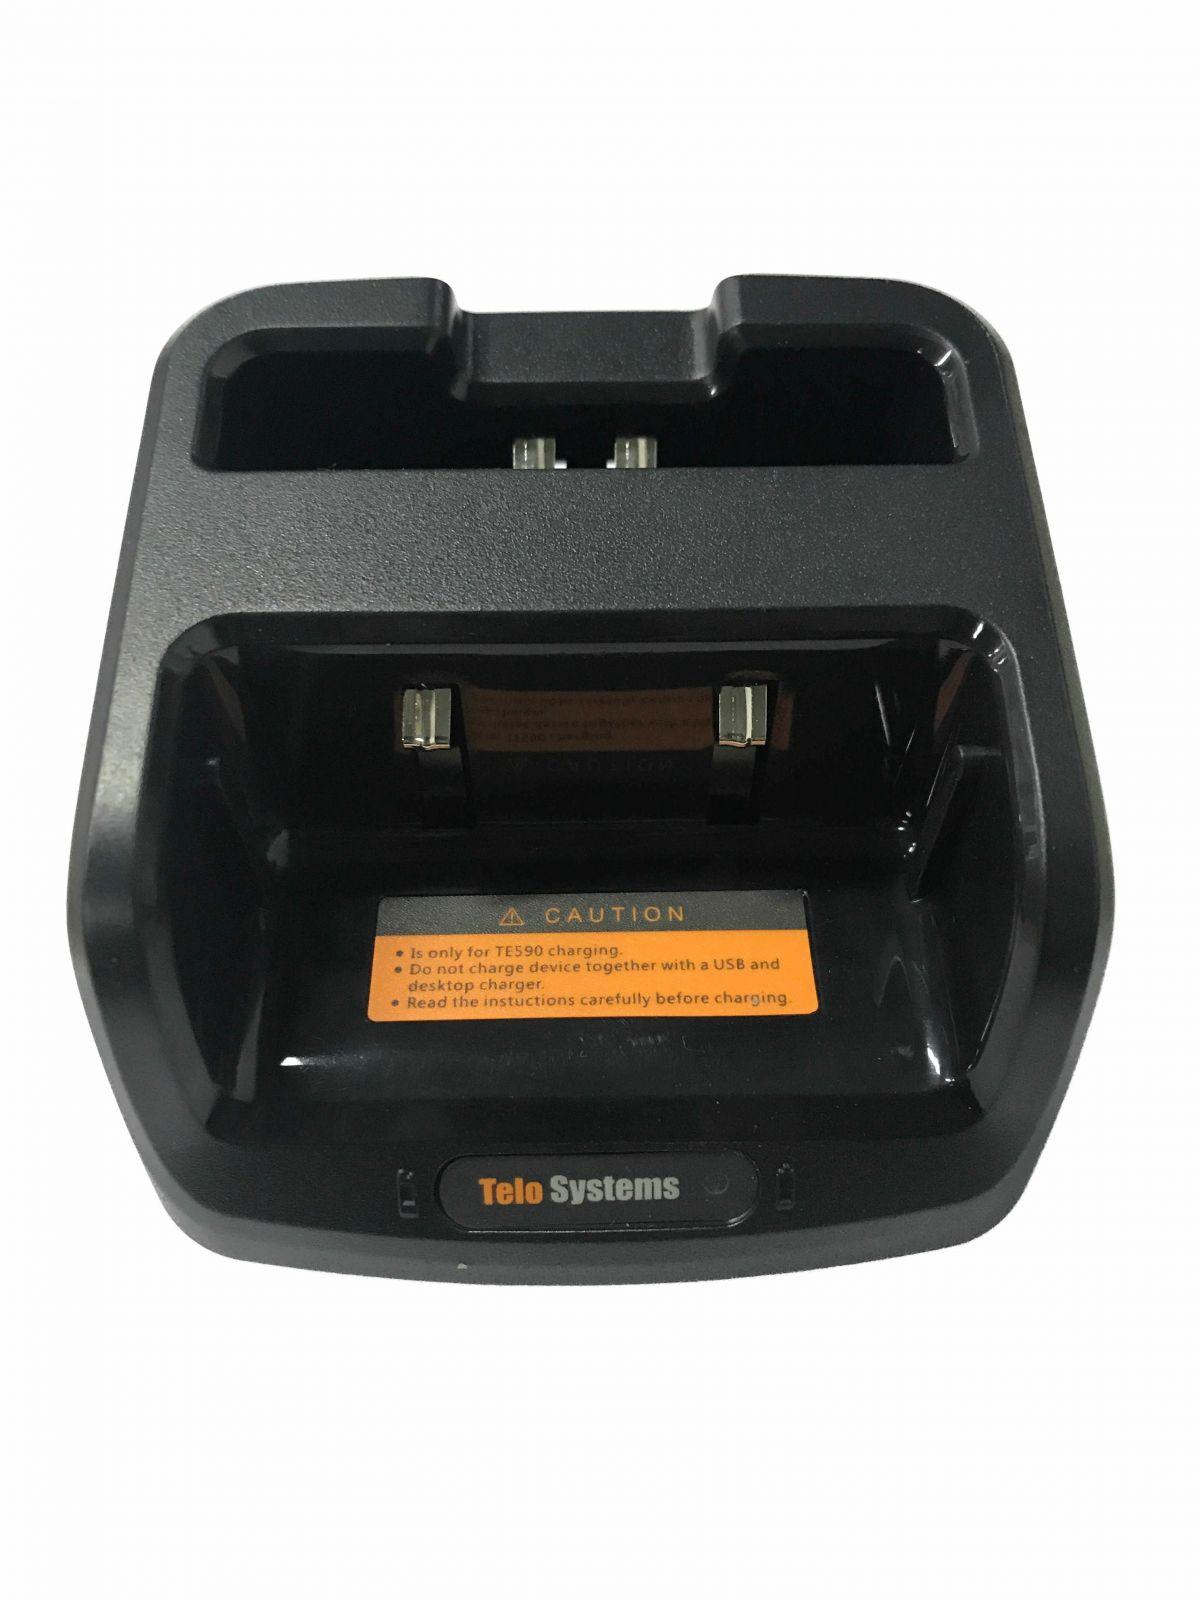 Single Desktop Charger - TE590 Portable